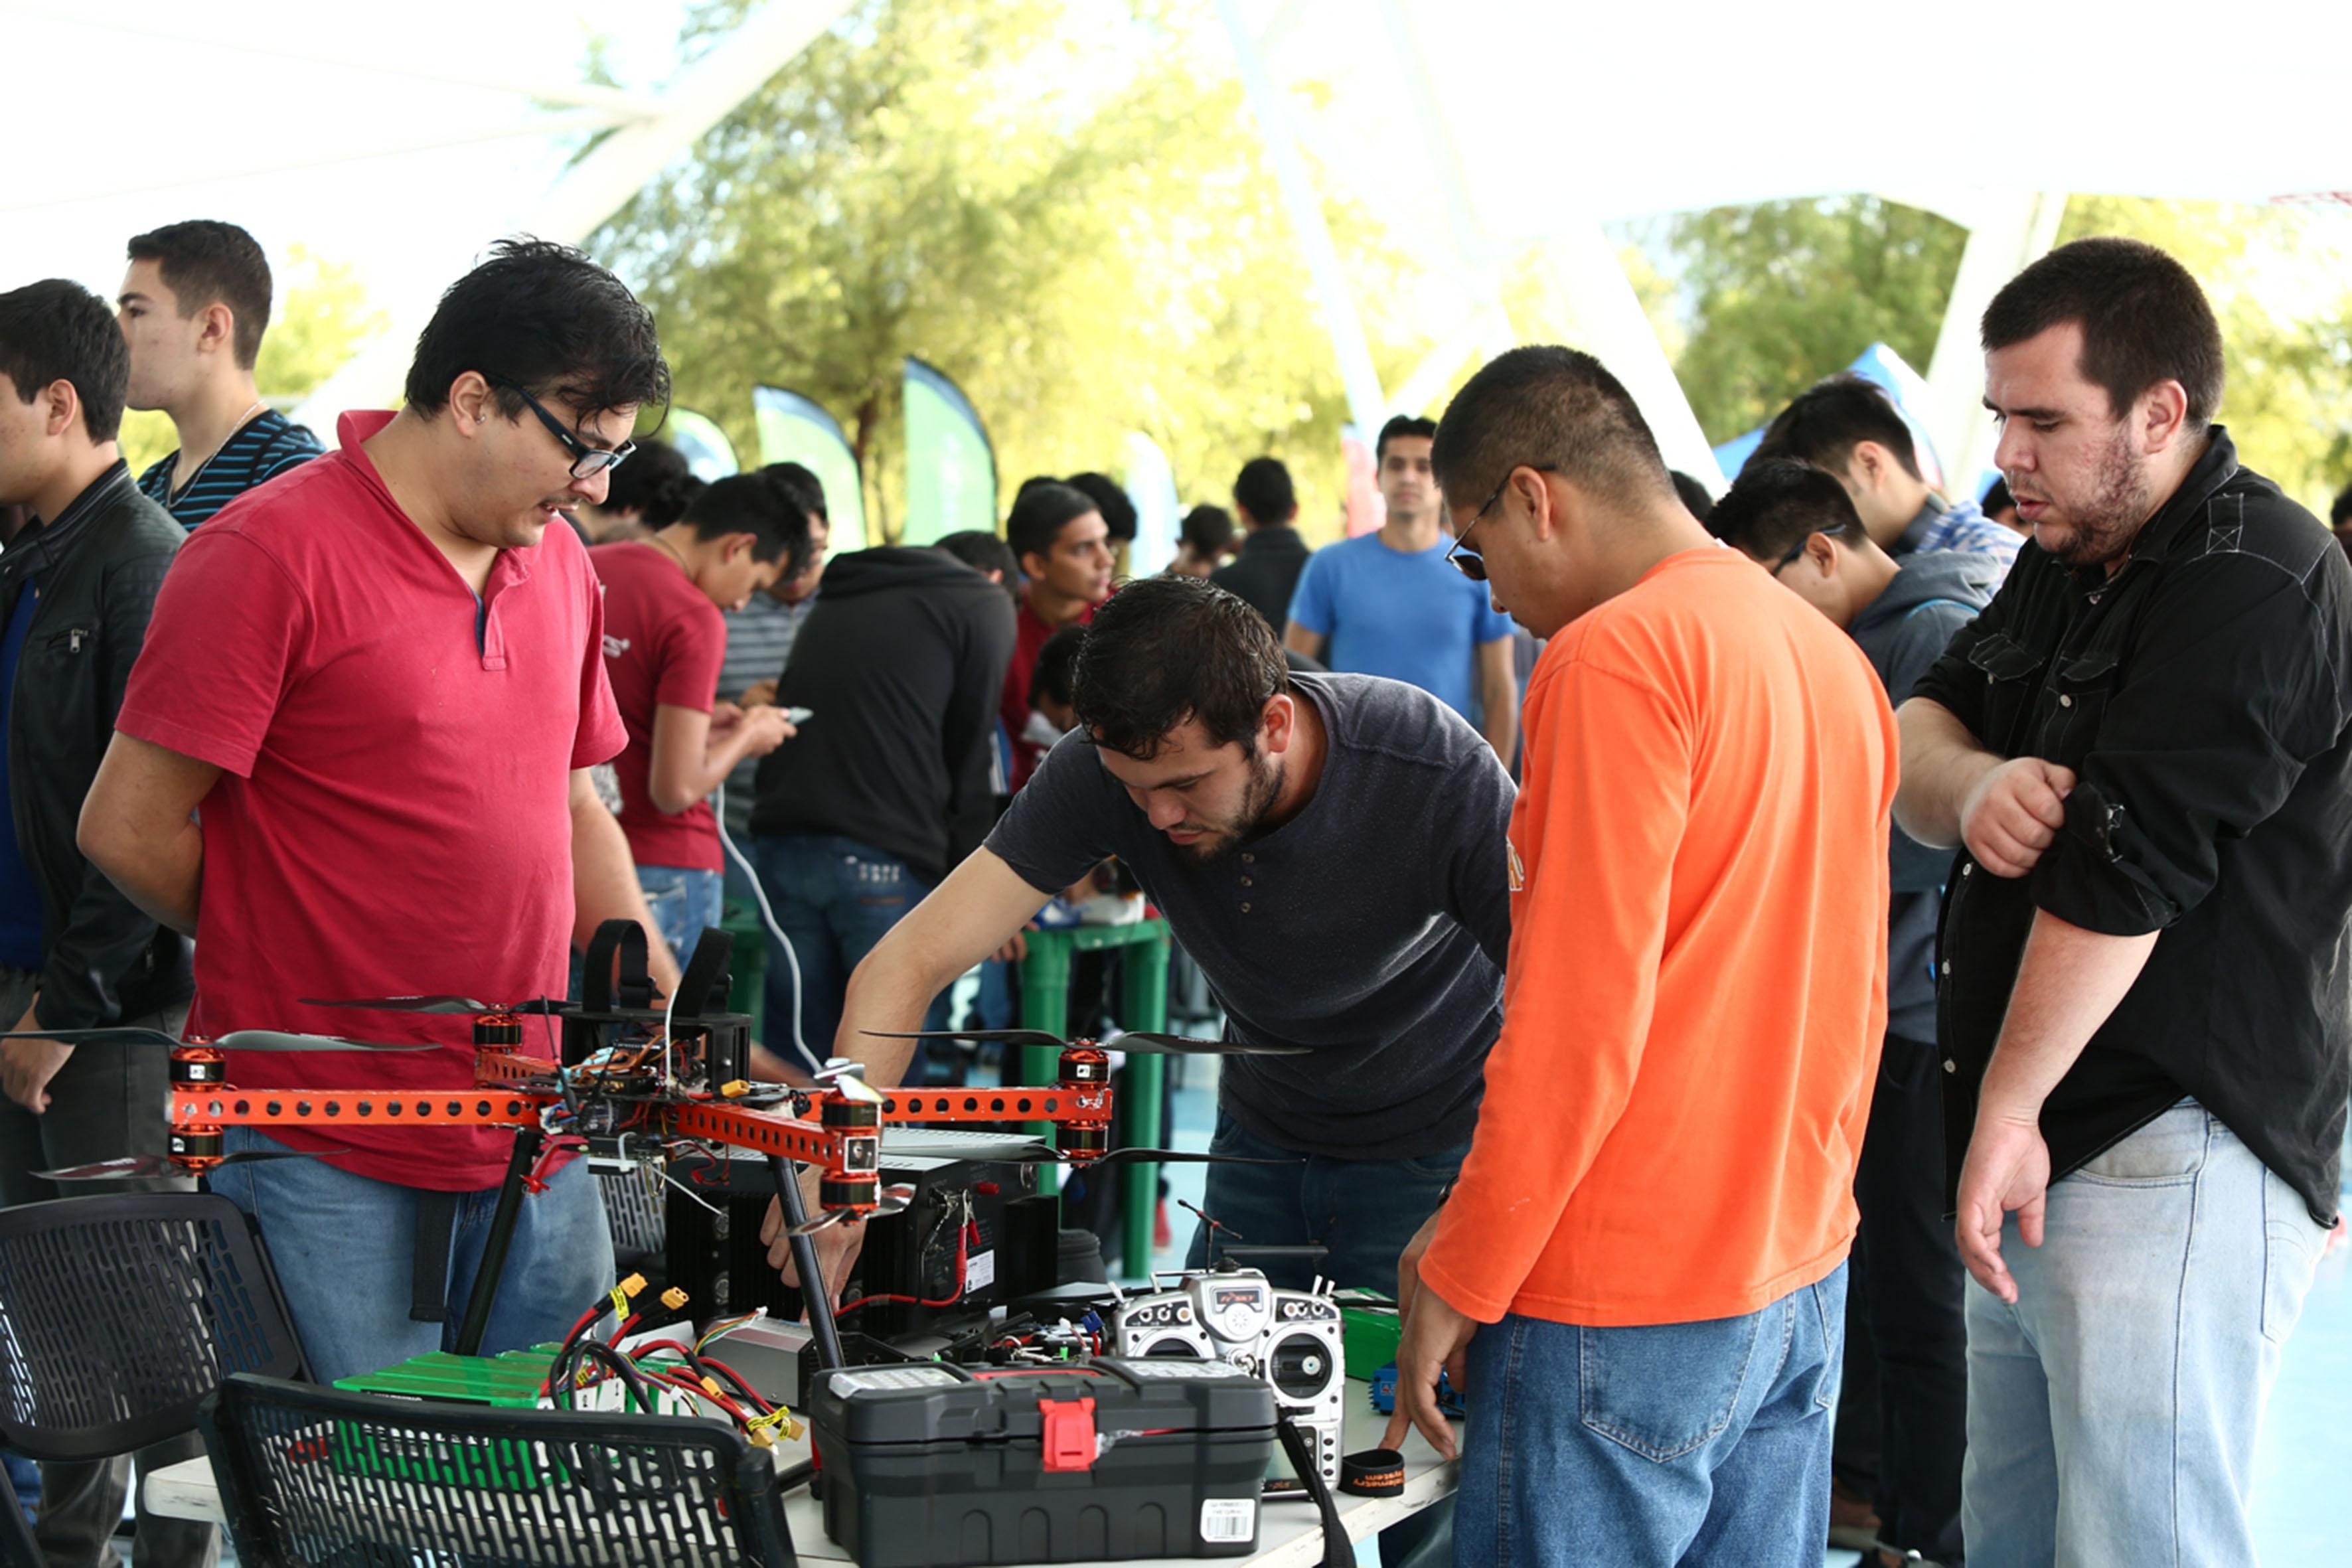 Estudiantes de ingeniería haciendo pruebas en sus equipos de drones.